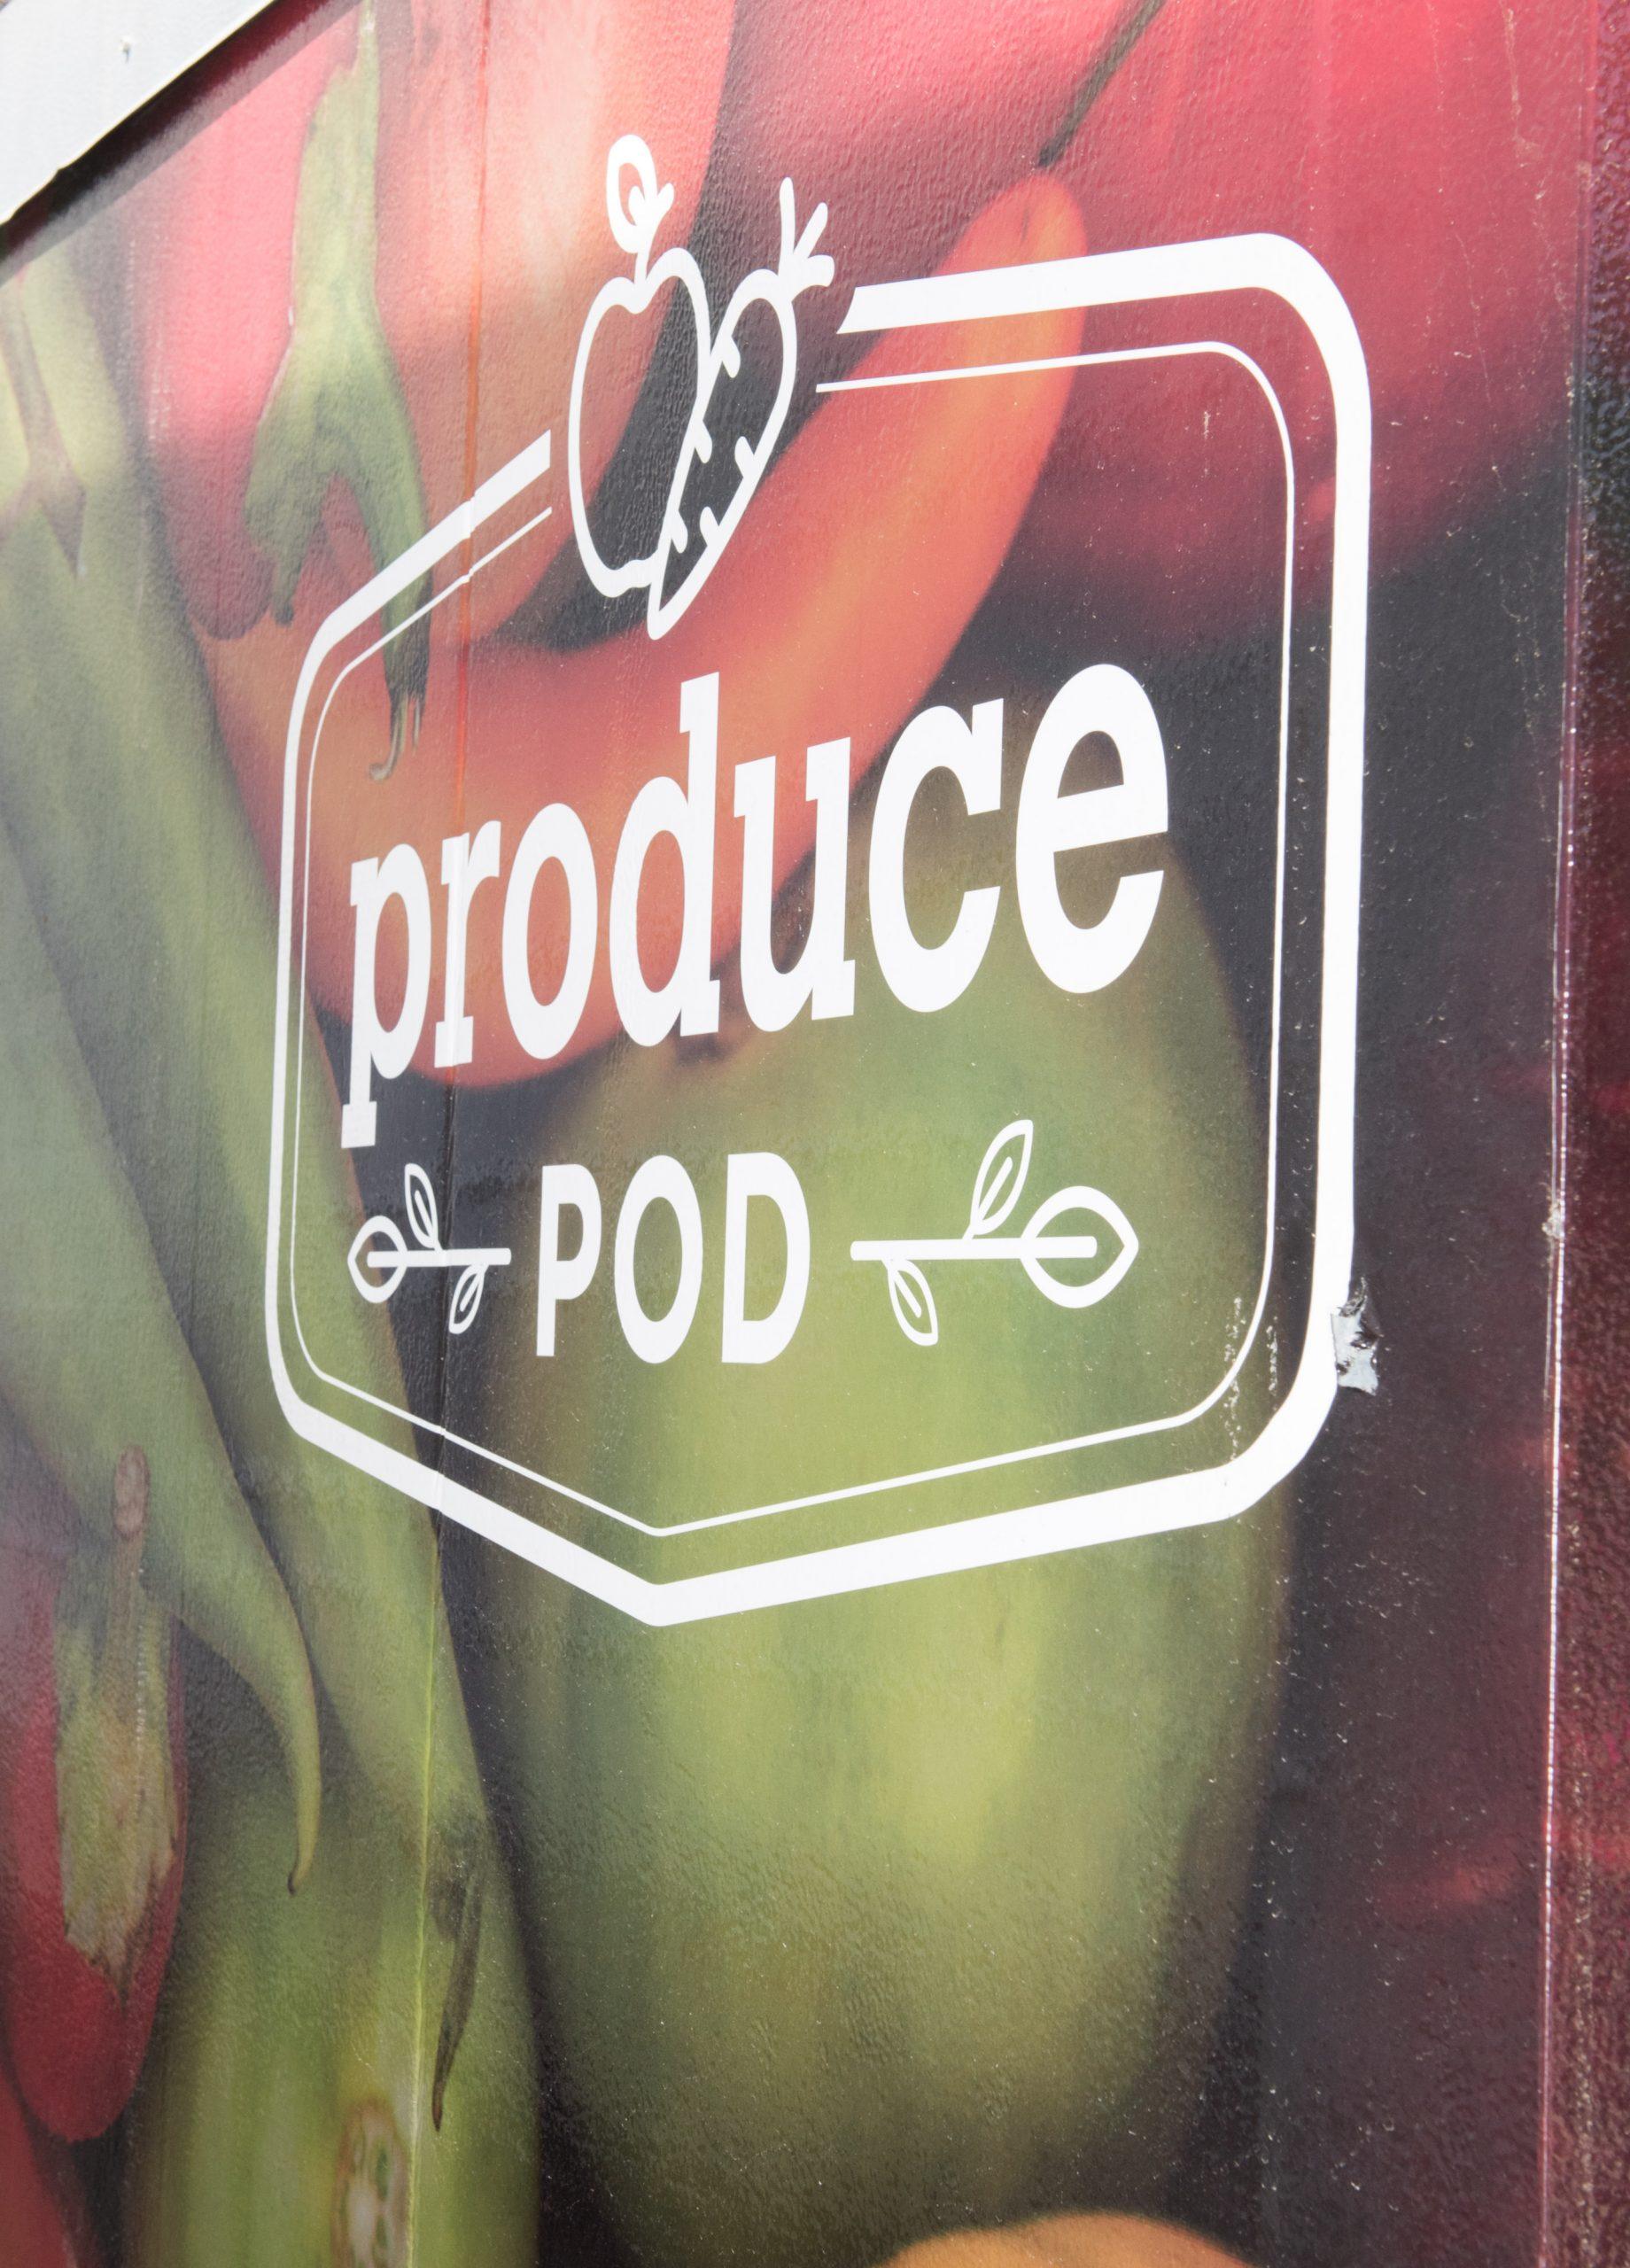 Produce Pod Image